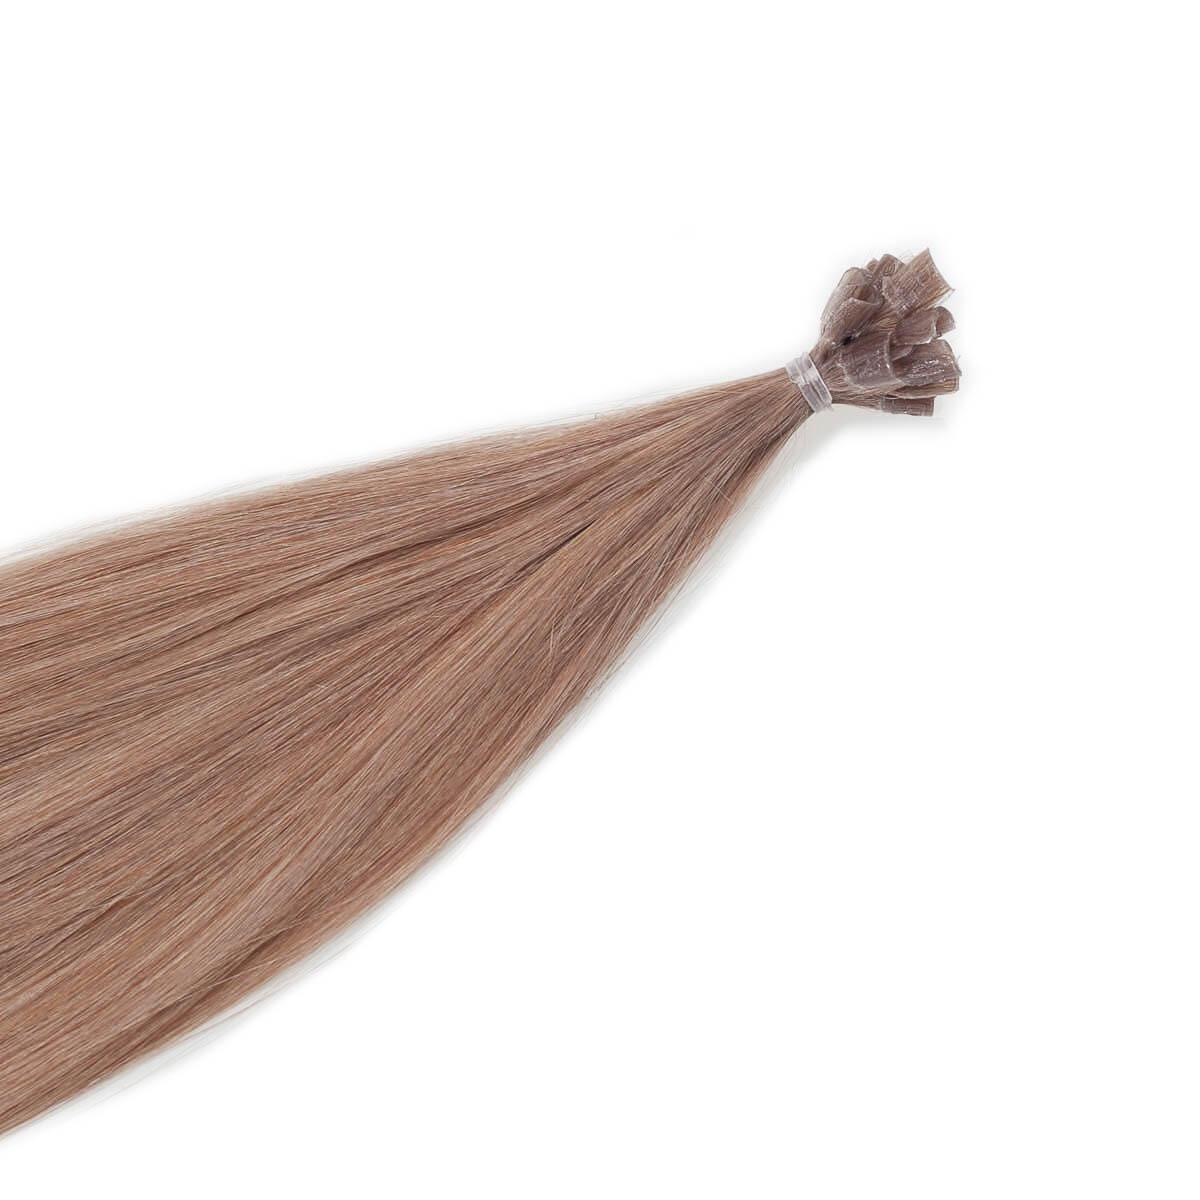 Bondings Premium Glatt 7.1 Natural Ash 60 cm